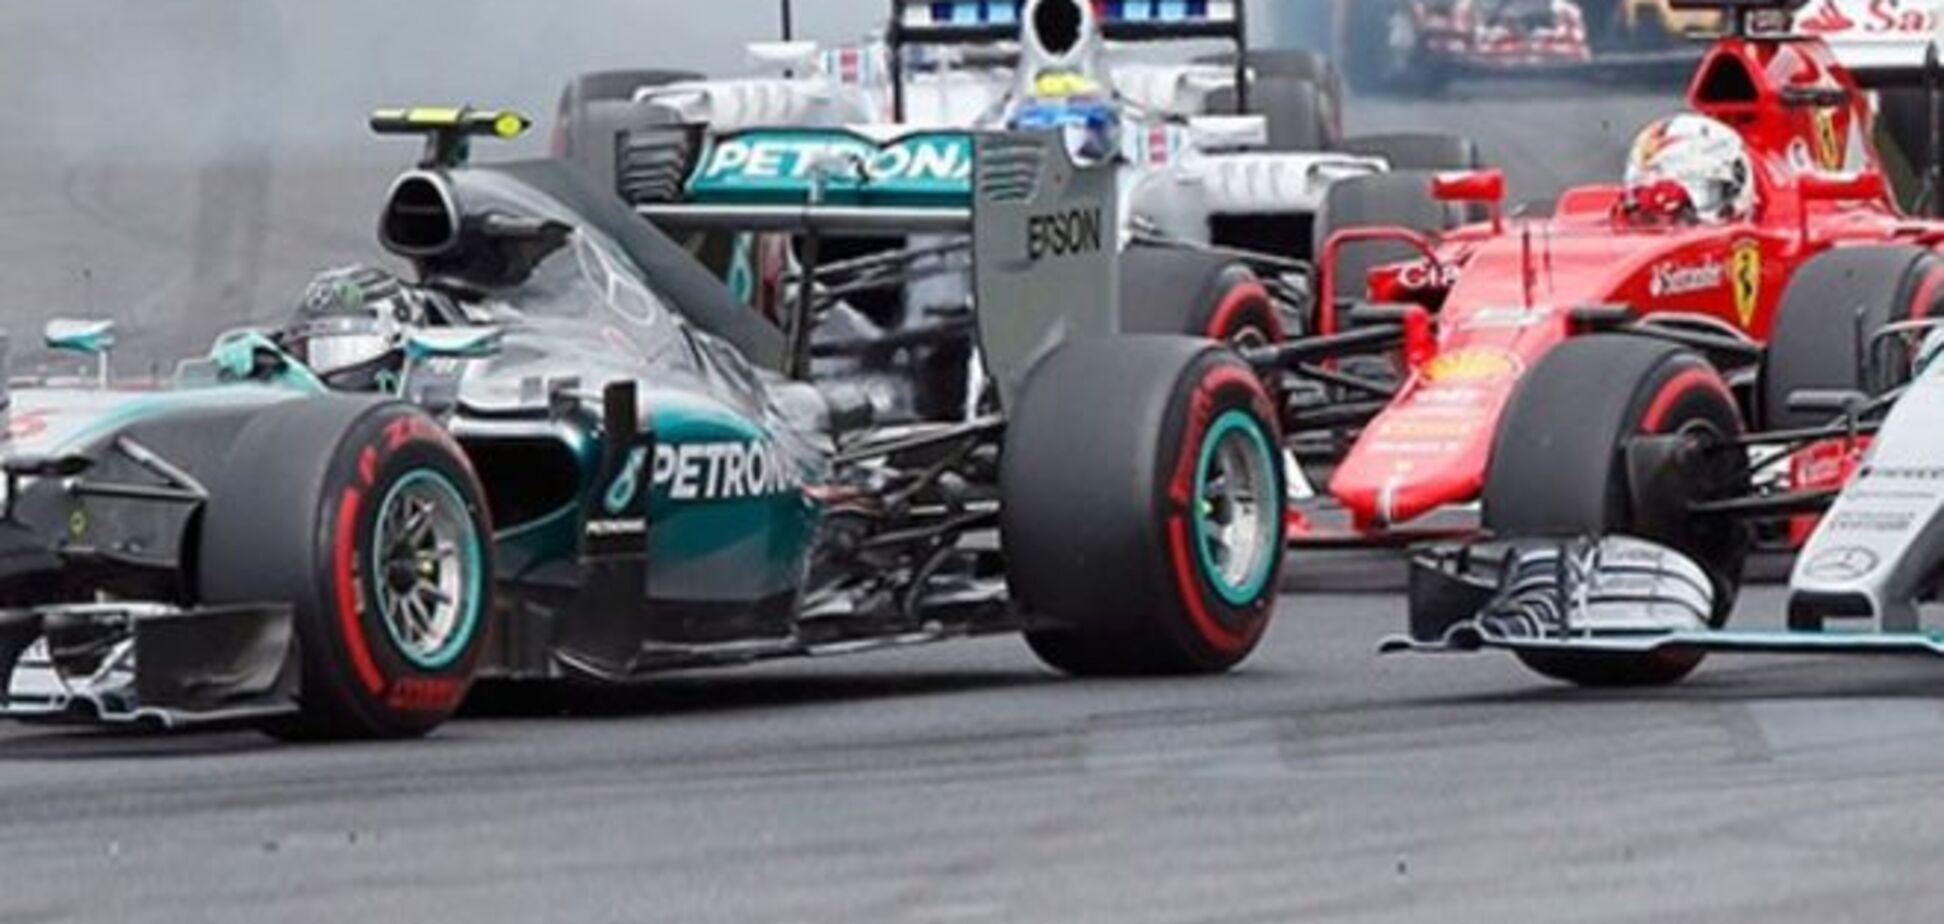 Росберг 'наказал' Хэмилтона на Гран-при Австрии